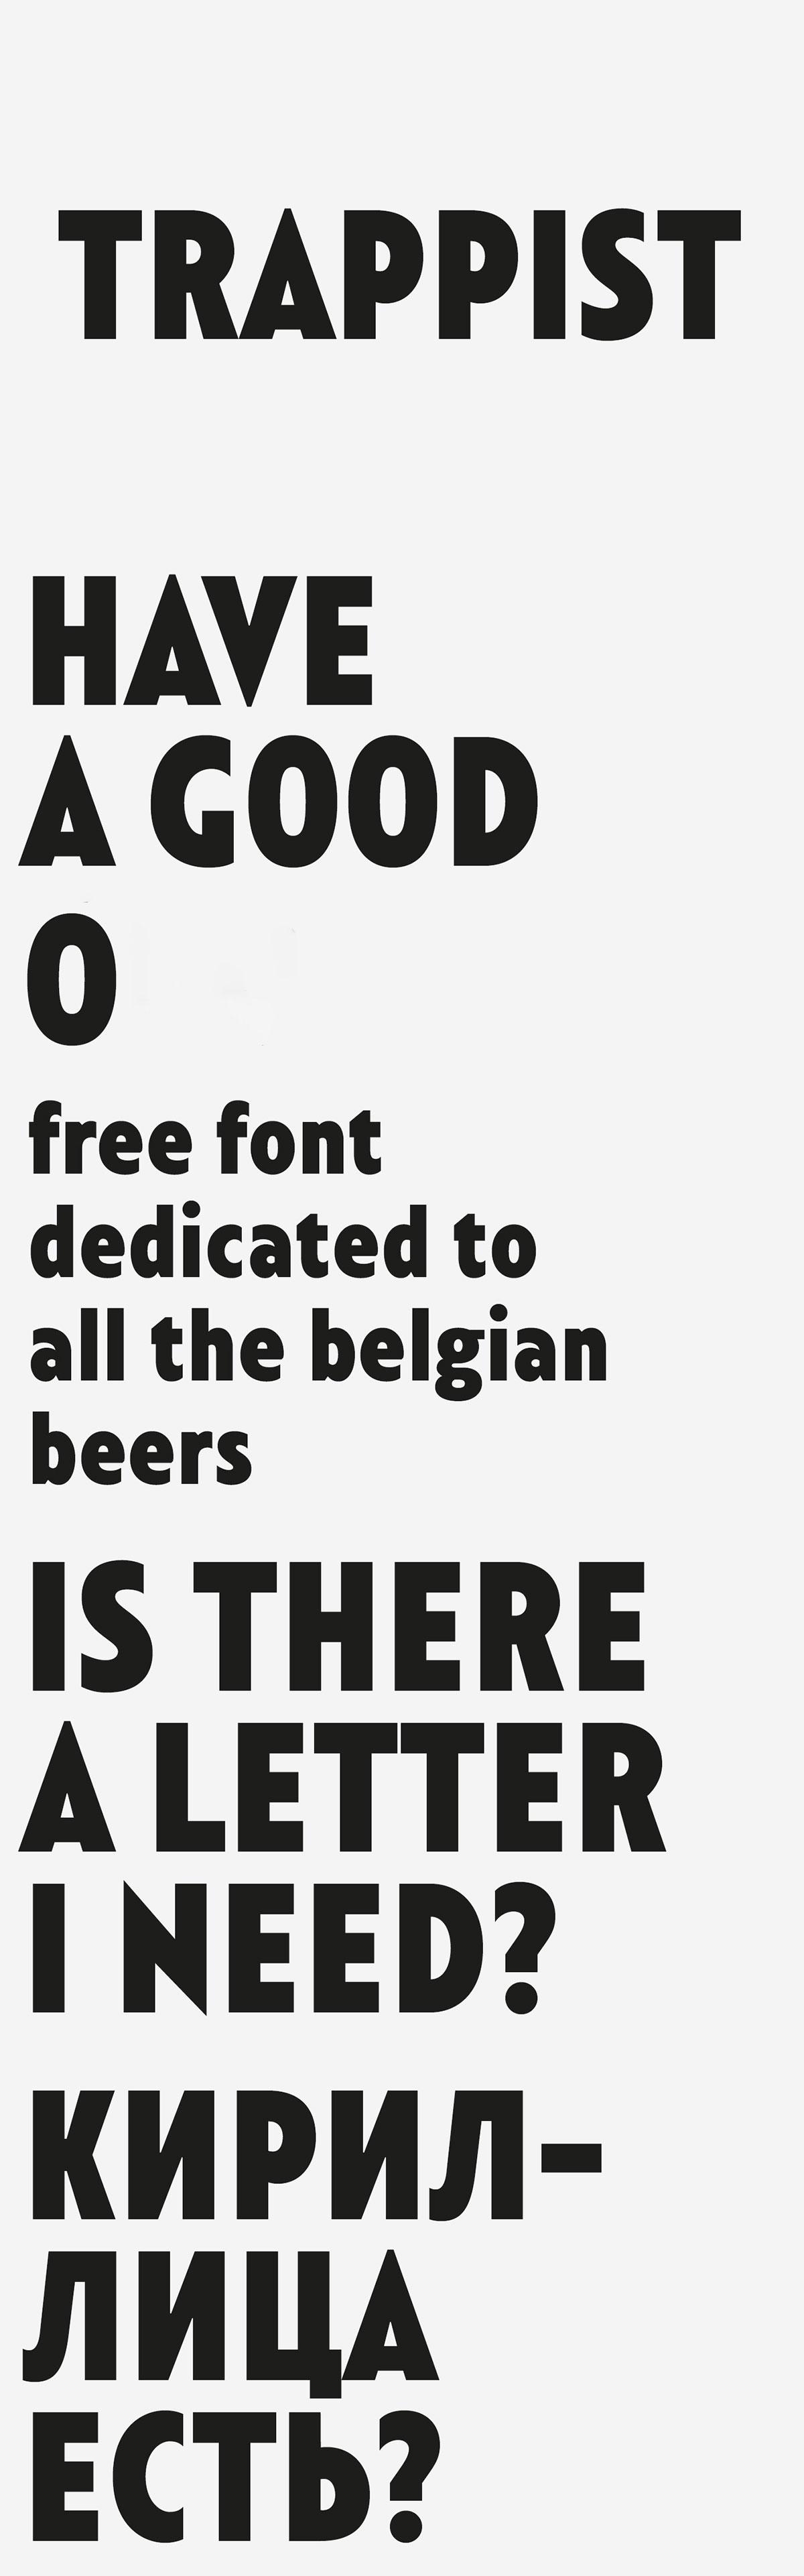 Free Trappist Sans Serif Font